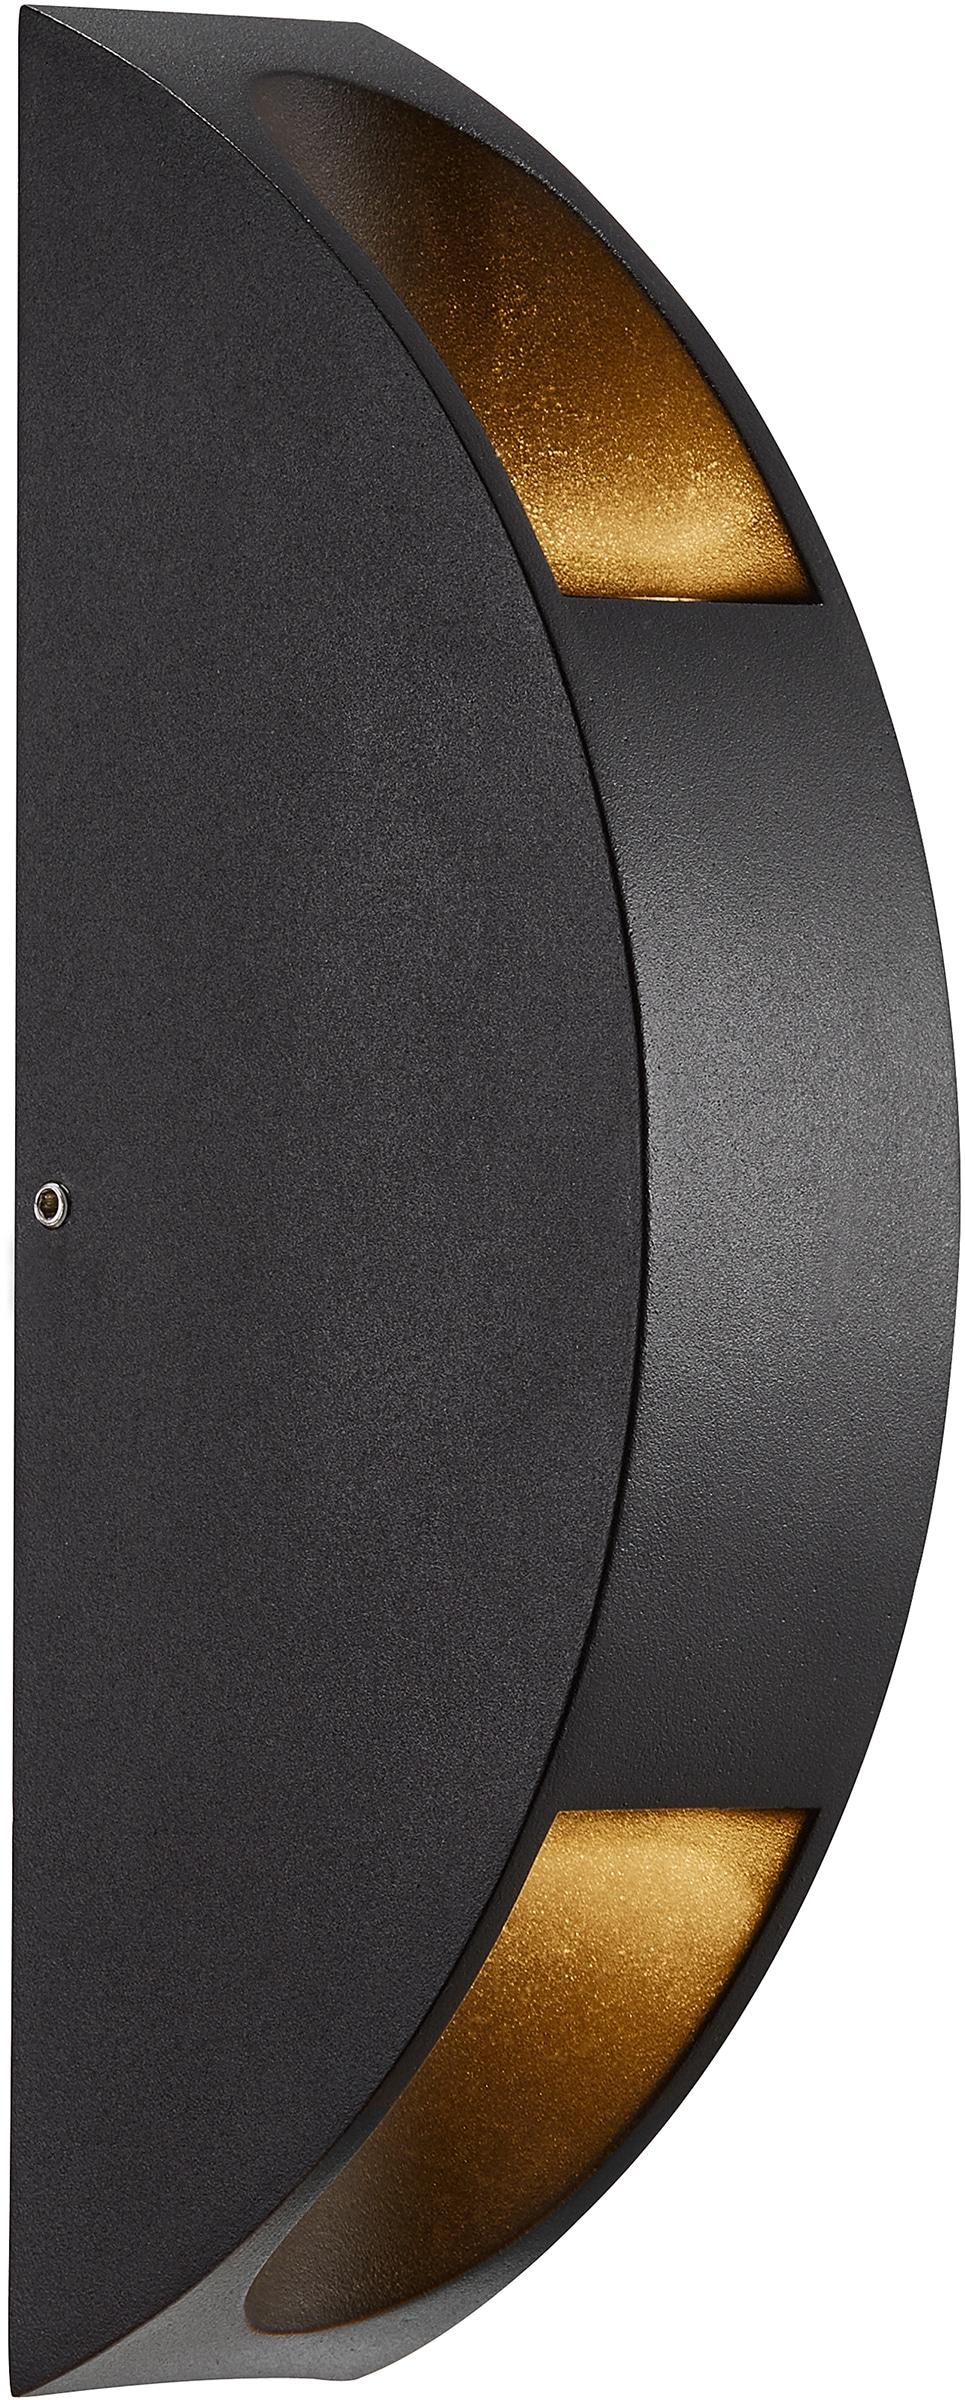 Nordlux LED Wandleuchte PIGNIA, LED-Modul, 5 Jahre Garantie auf die LED